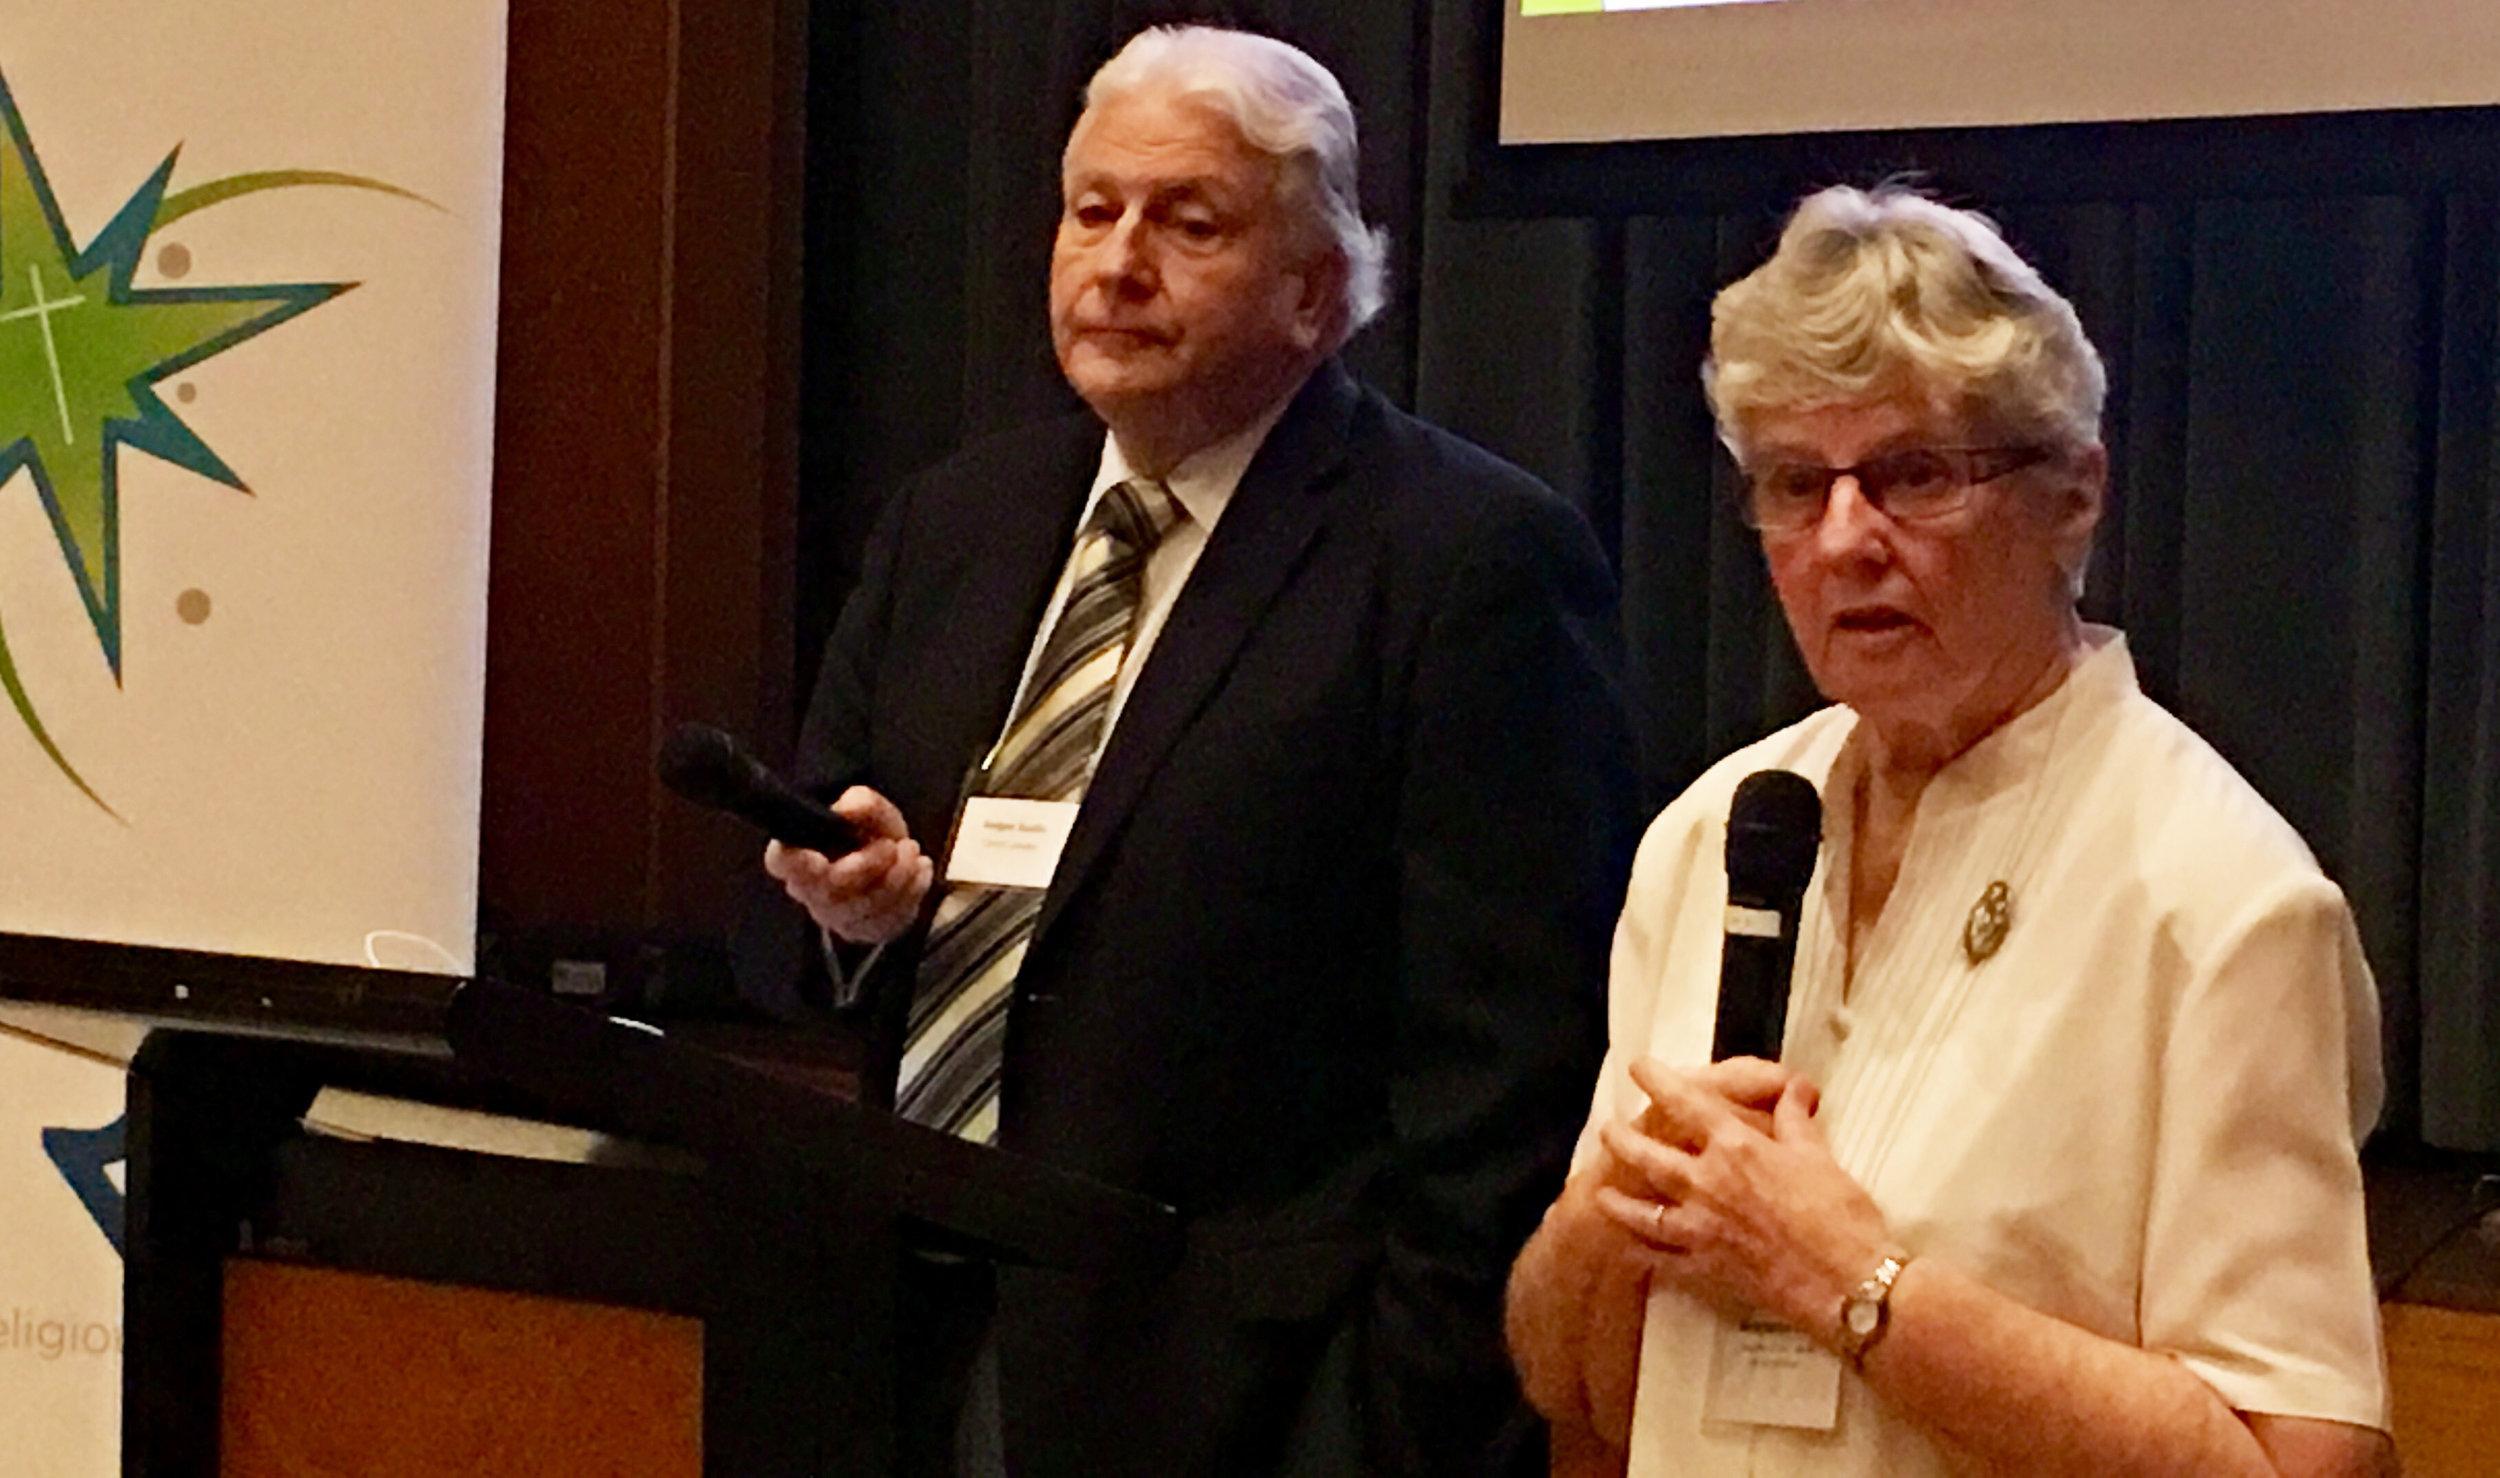 Dr Rodger Austin and Sr Moya Hanlon presenting at the seminar.